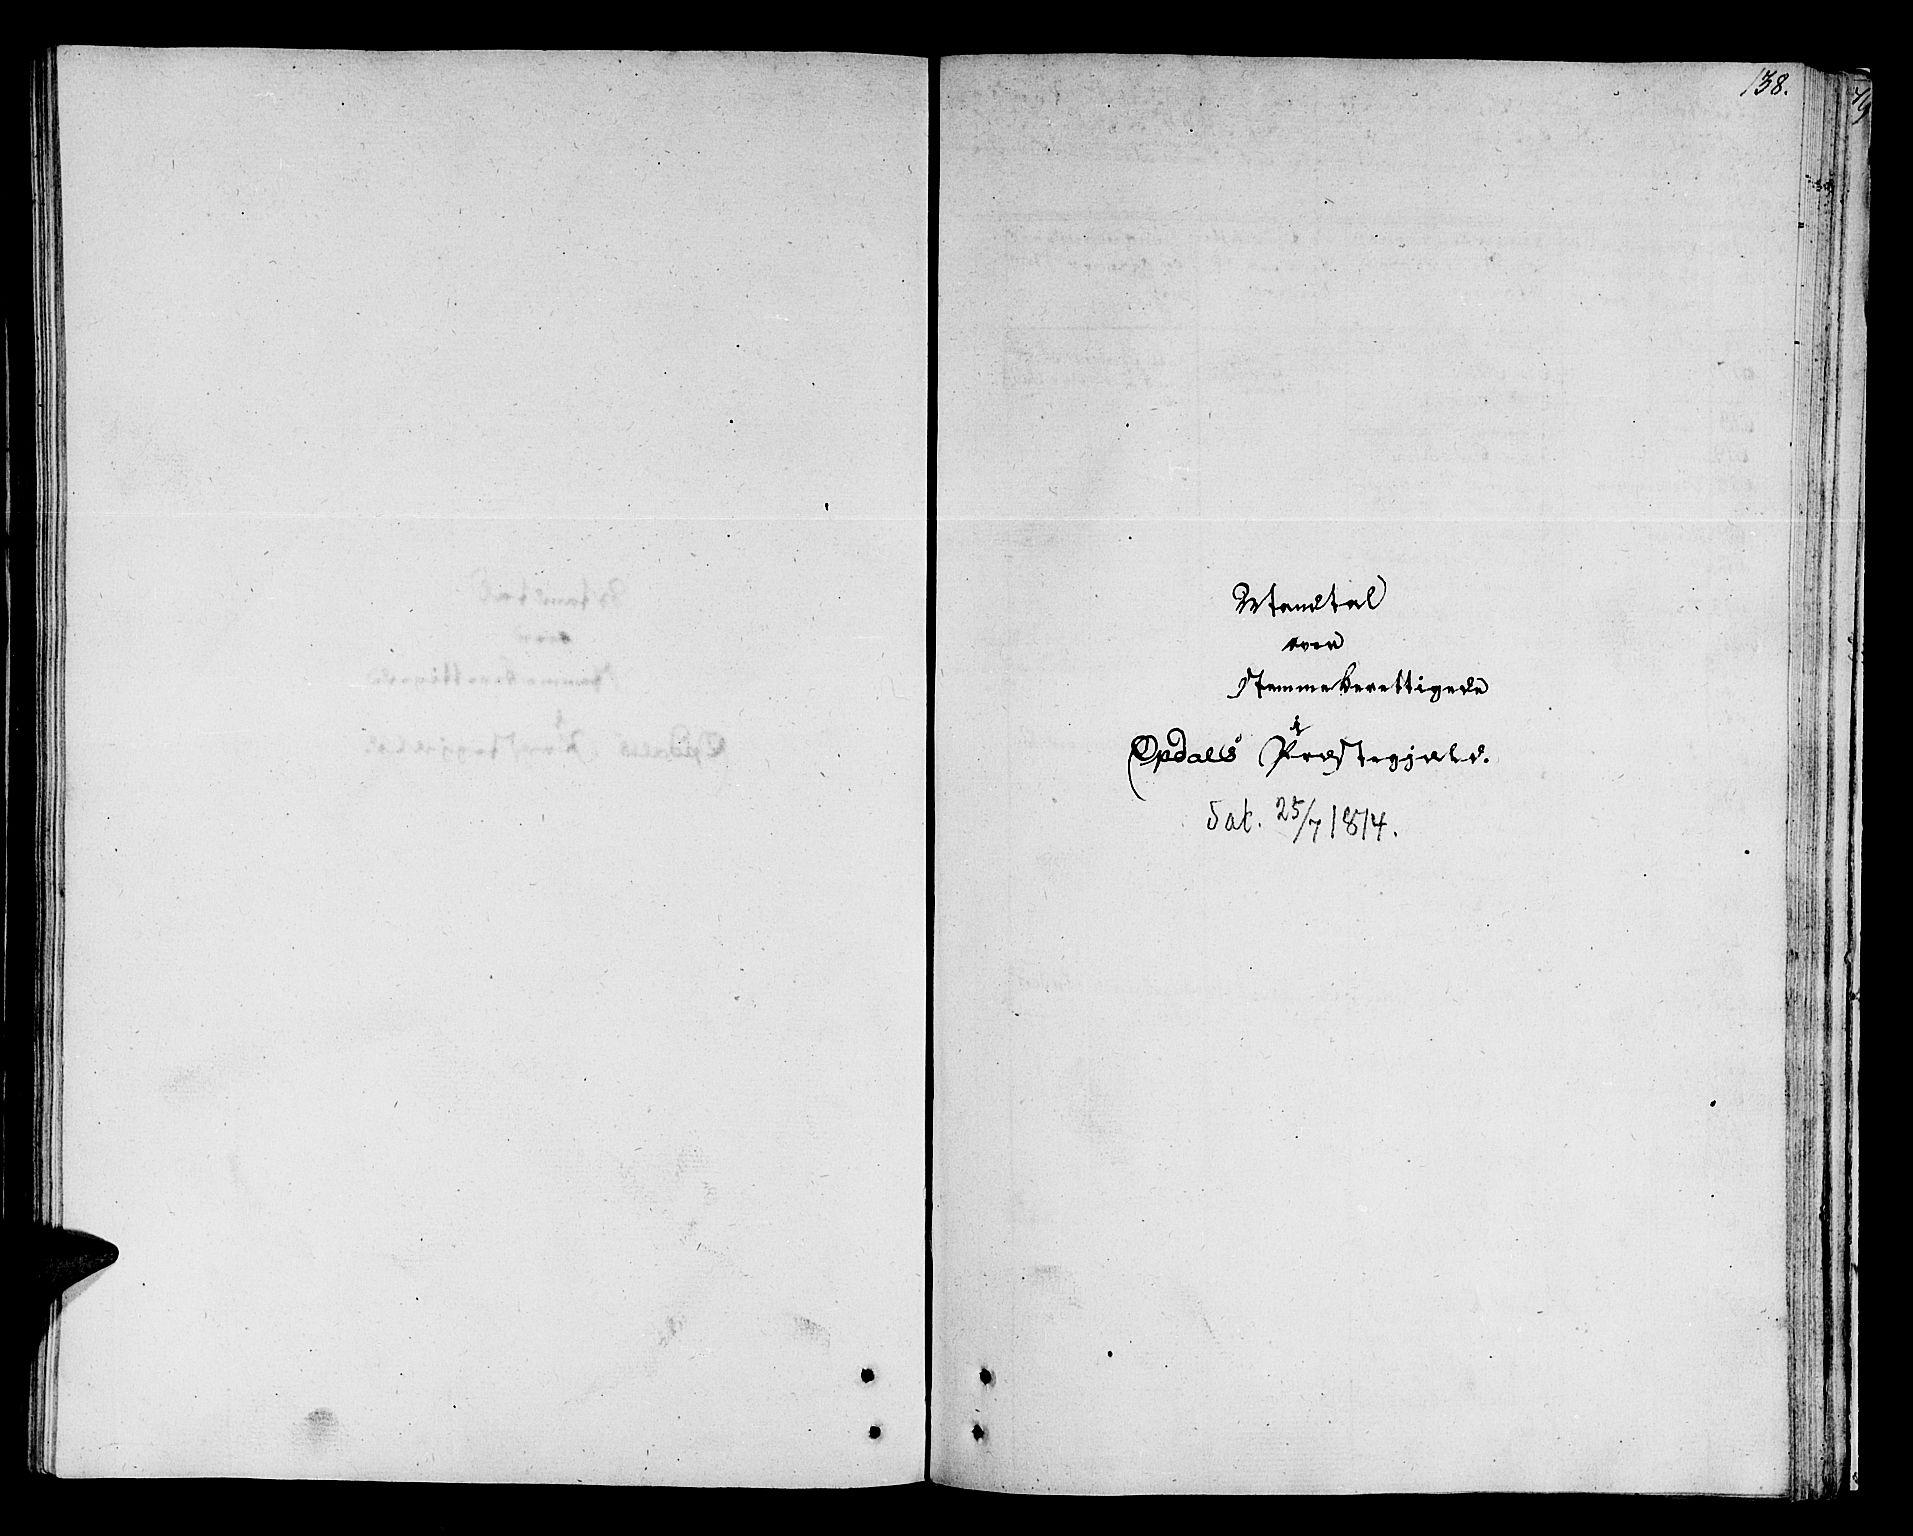 SAT, Ministerialprotokoller, klokkerbøker og fødselsregistre - Sør-Trøndelag, 678/L0894: Ministerialbok nr. 678A04, 1806-1815, s. 138a